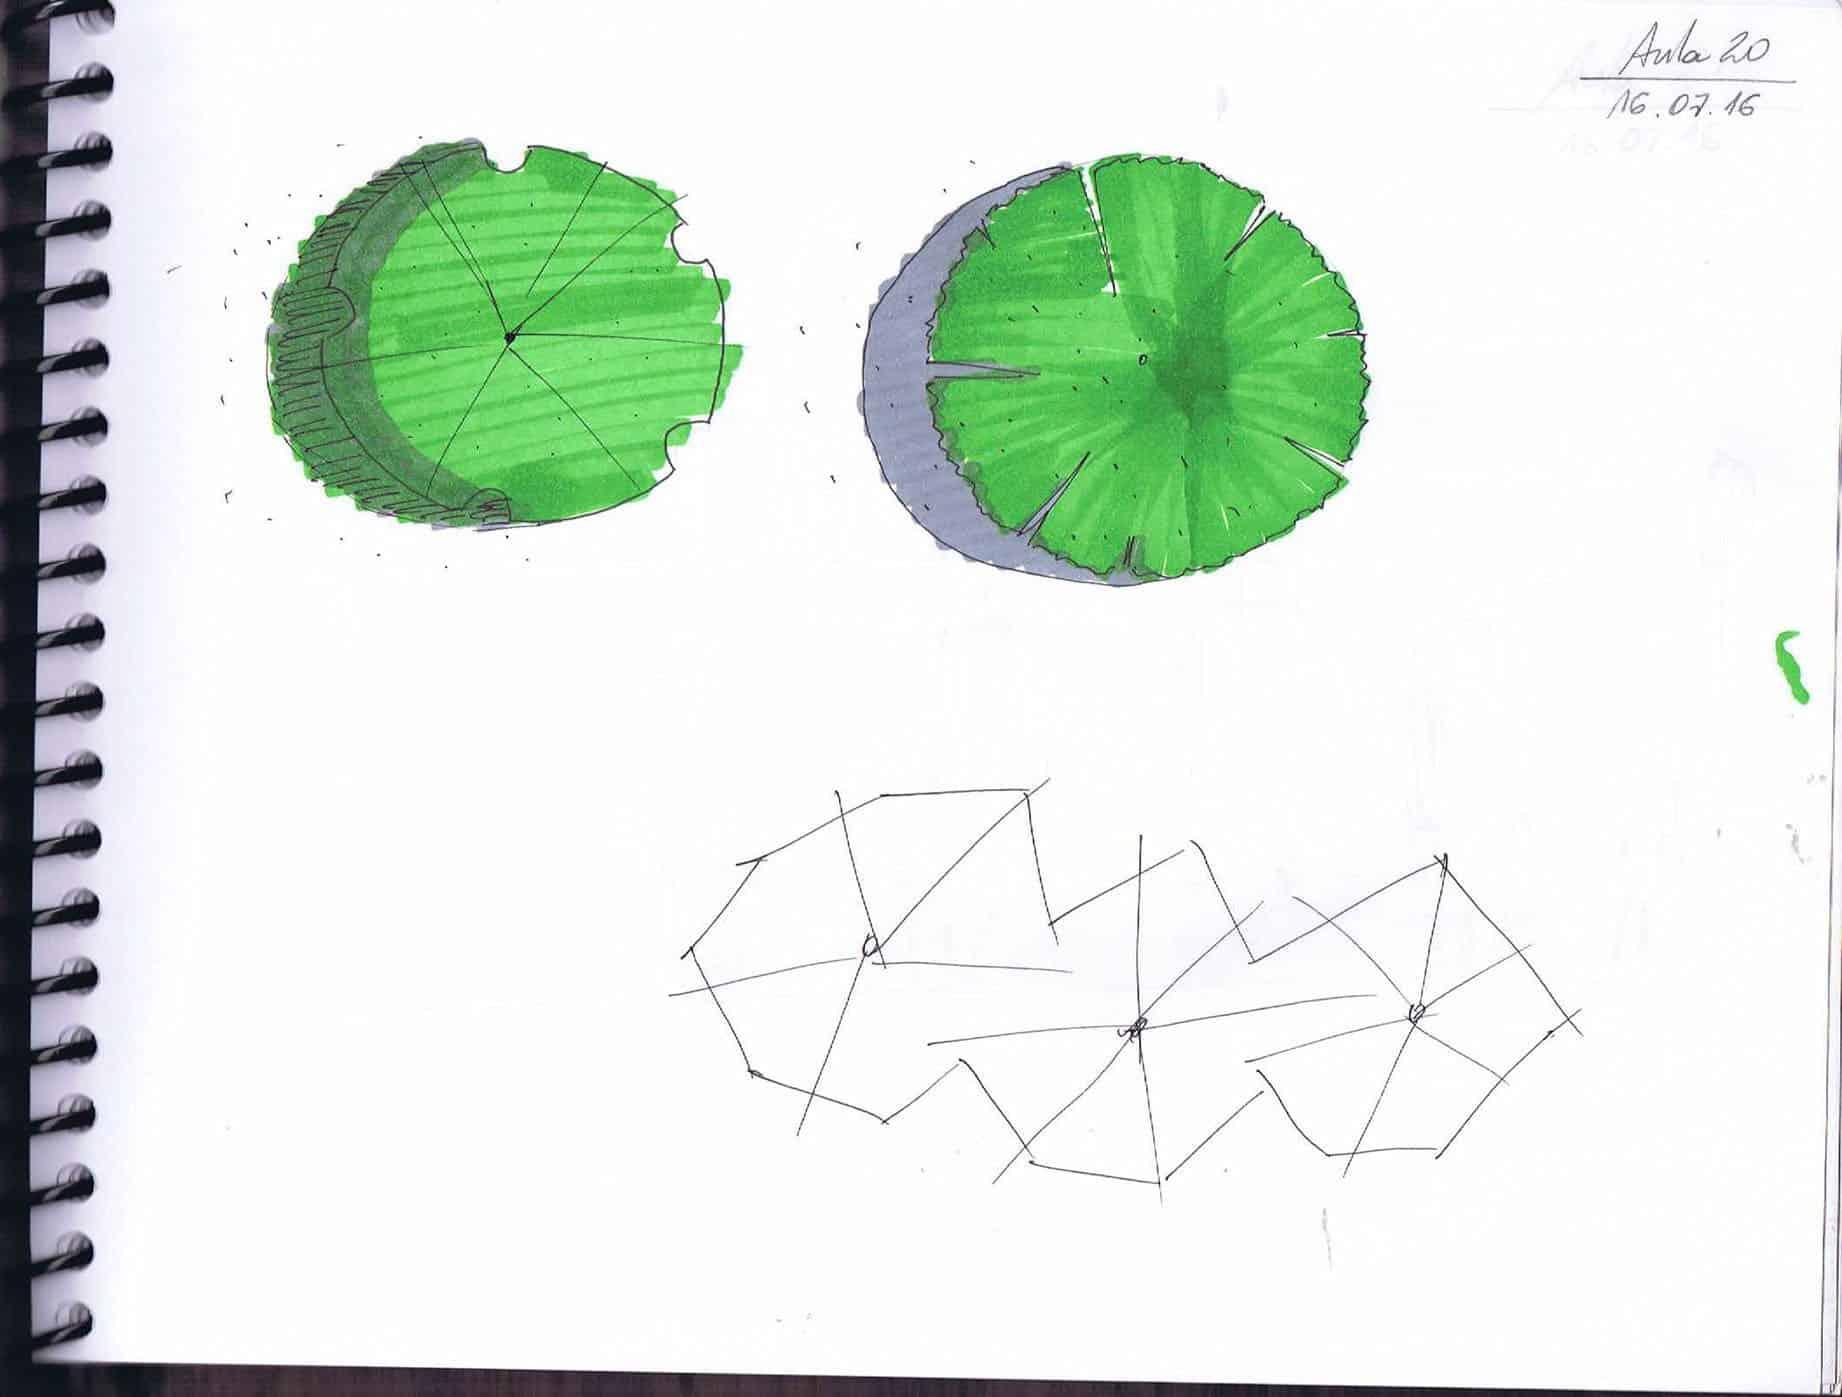 curso perspectivas mão livre anderson de souza ferreira01 - Trabalhos de Perspectiva a Mão Livre